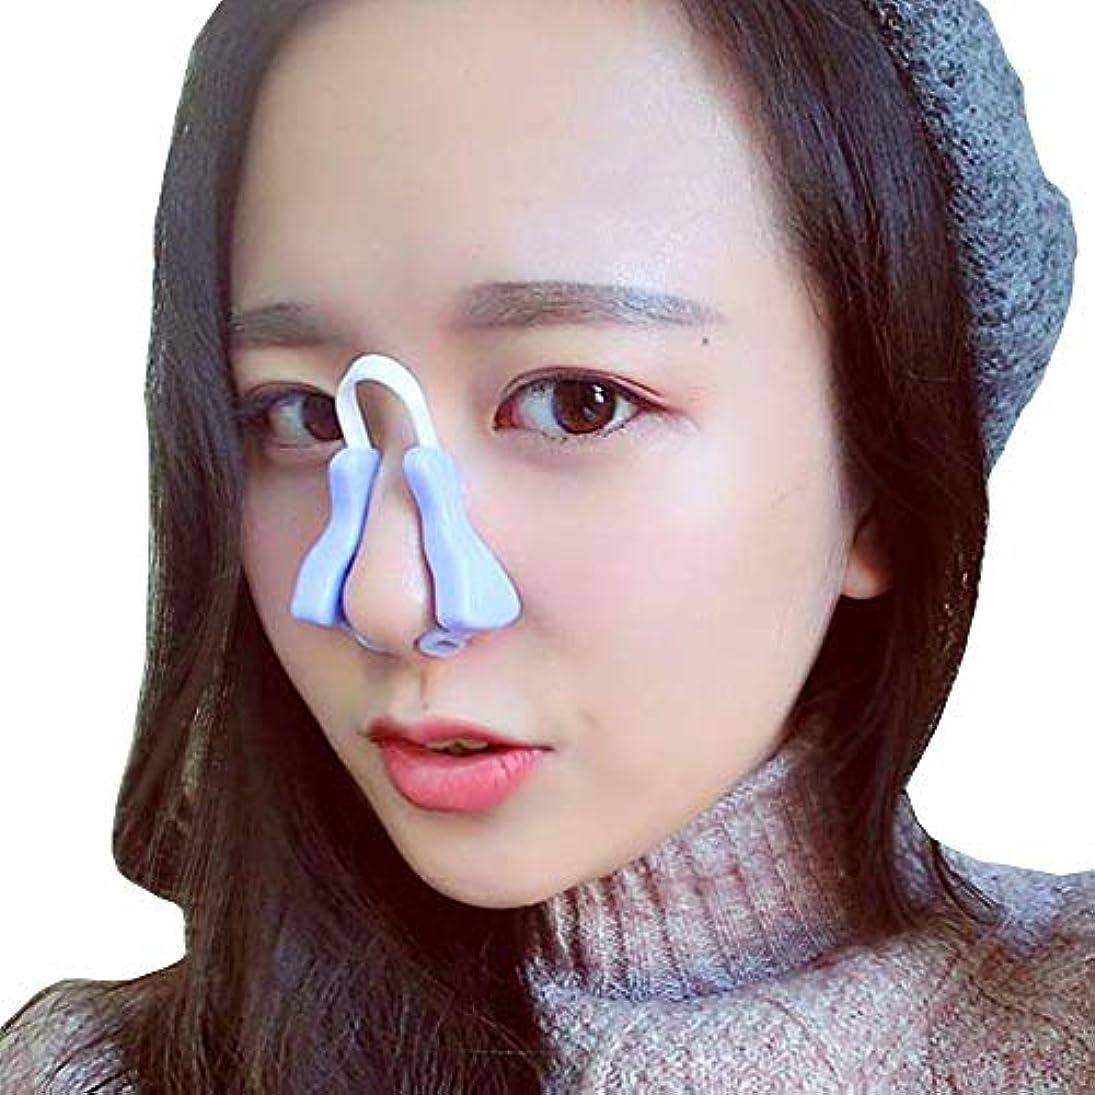 保証するホステル拮抗するYOE(ヨイ) ノーズアップ 鼻プチ 鼻筋ビューティー ノーズクリップ 美鼻でナイト プチ整形 鼻 矯正 ノーズピン (フリーサイズ, パープル)